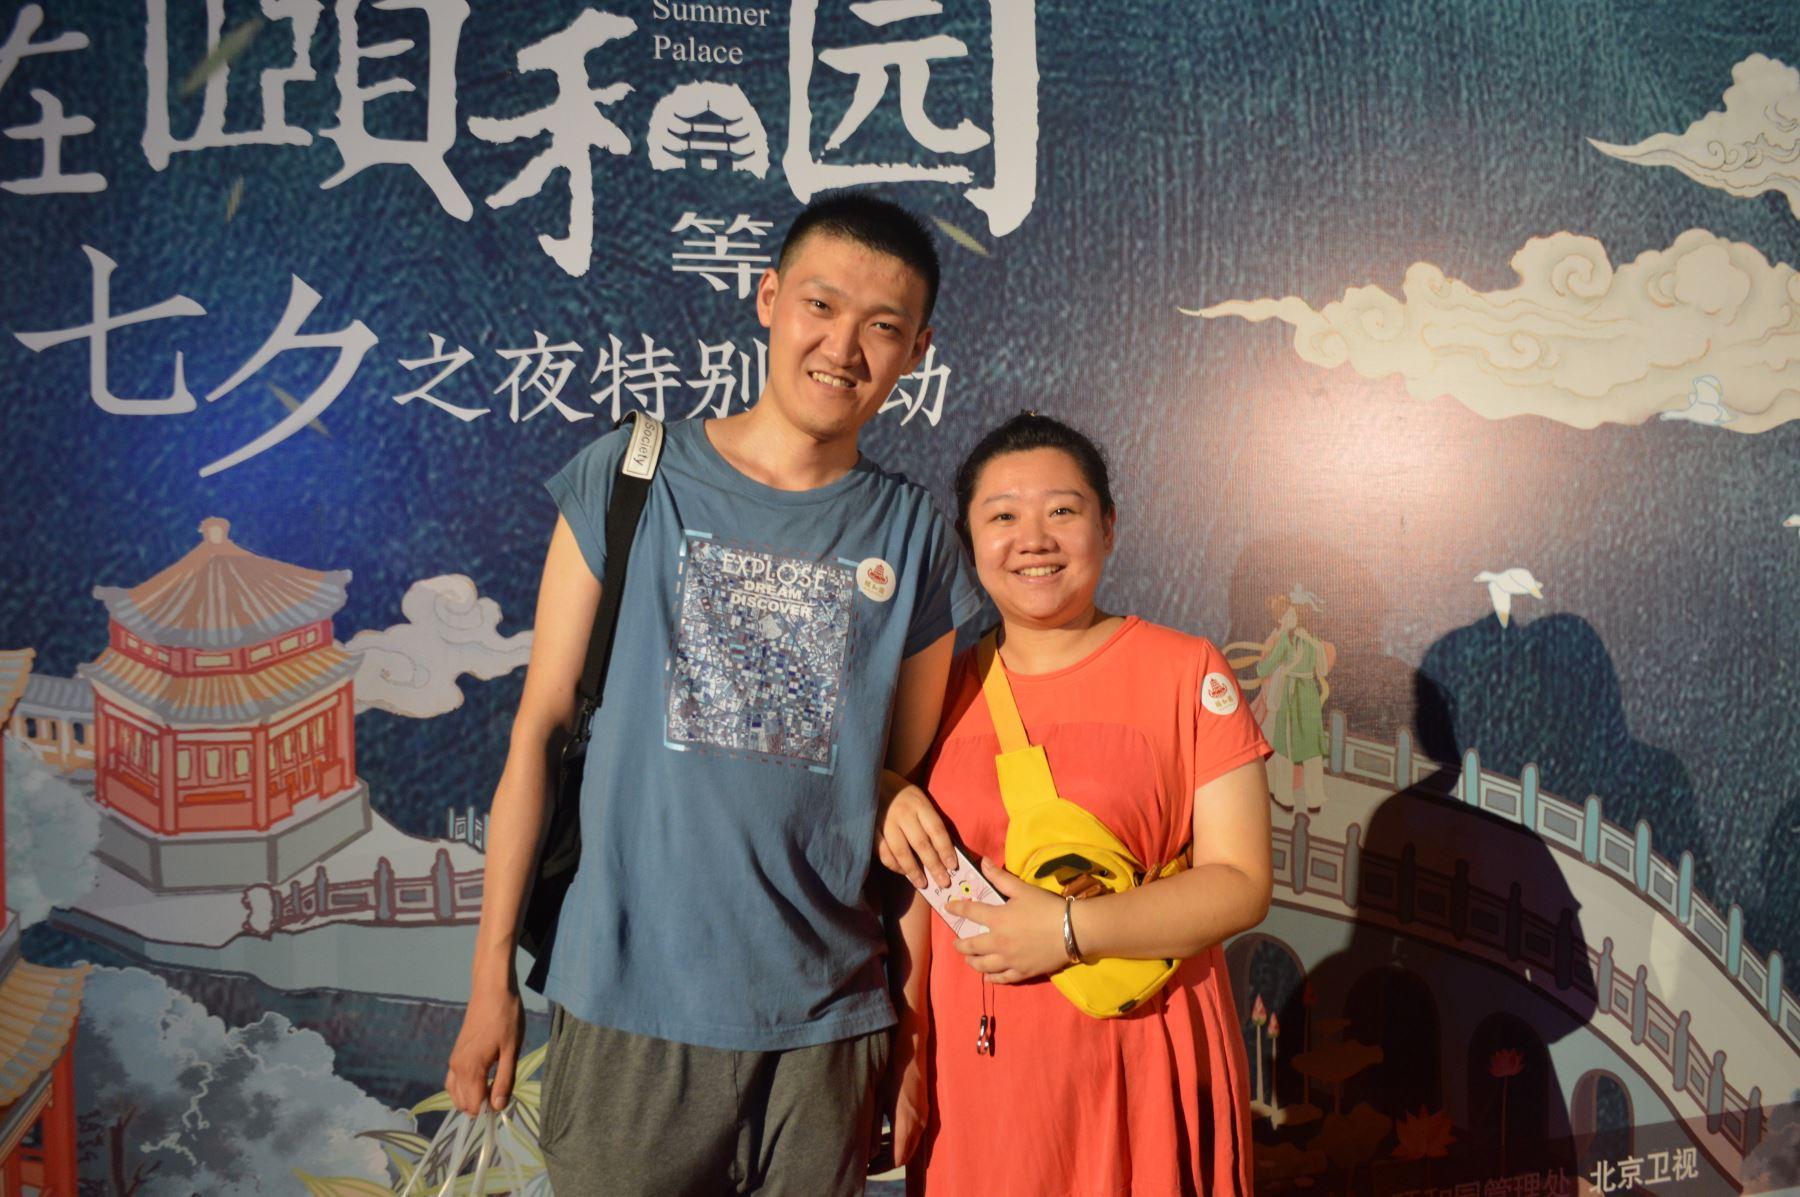 Pareja celebra en Beijing el festival Qixi, conocido como el San Valentín de China. Foto: ANDINA / Víctor Véliz.